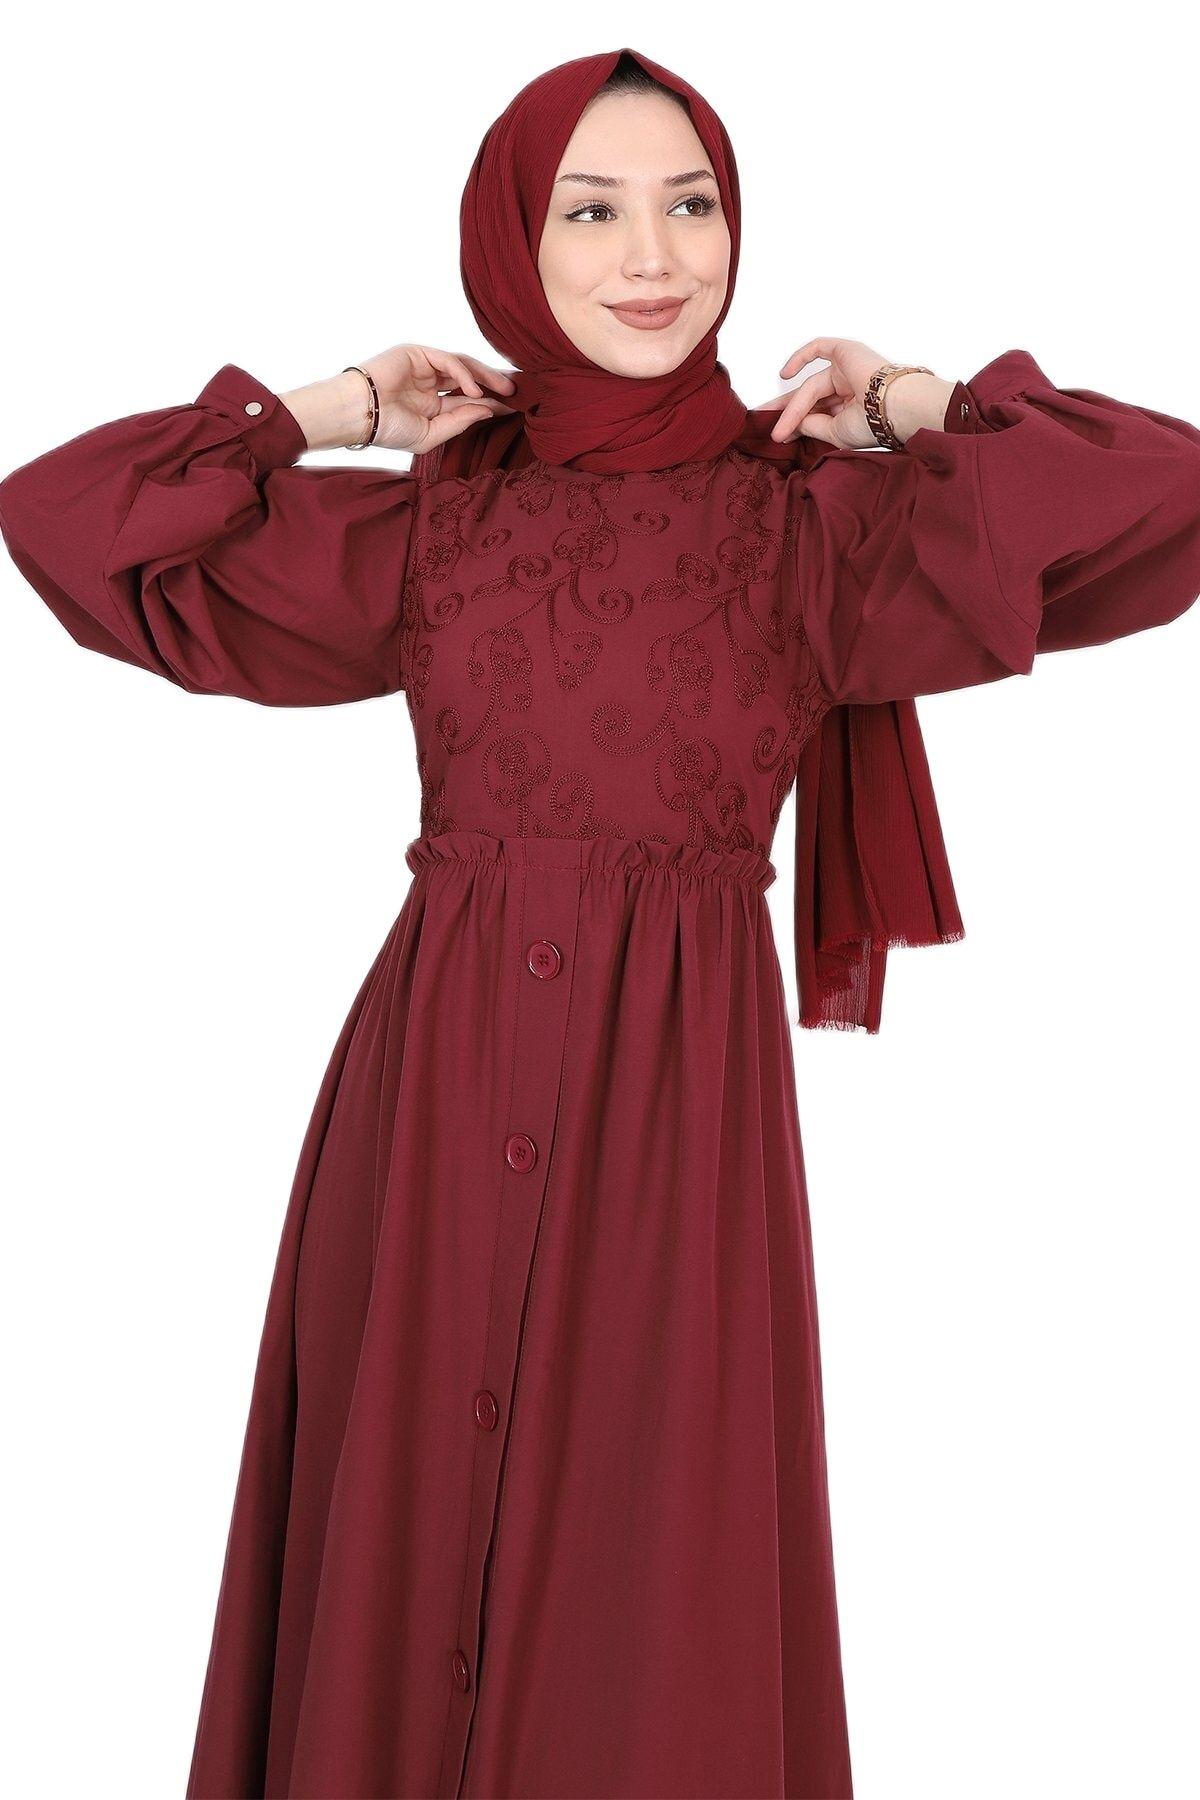 Для женщин черный хиджаб практичный Молитвенное платье (с подарком) мусульманские четки платье djellaba femme мусульманское платье «абая» в Дубае...